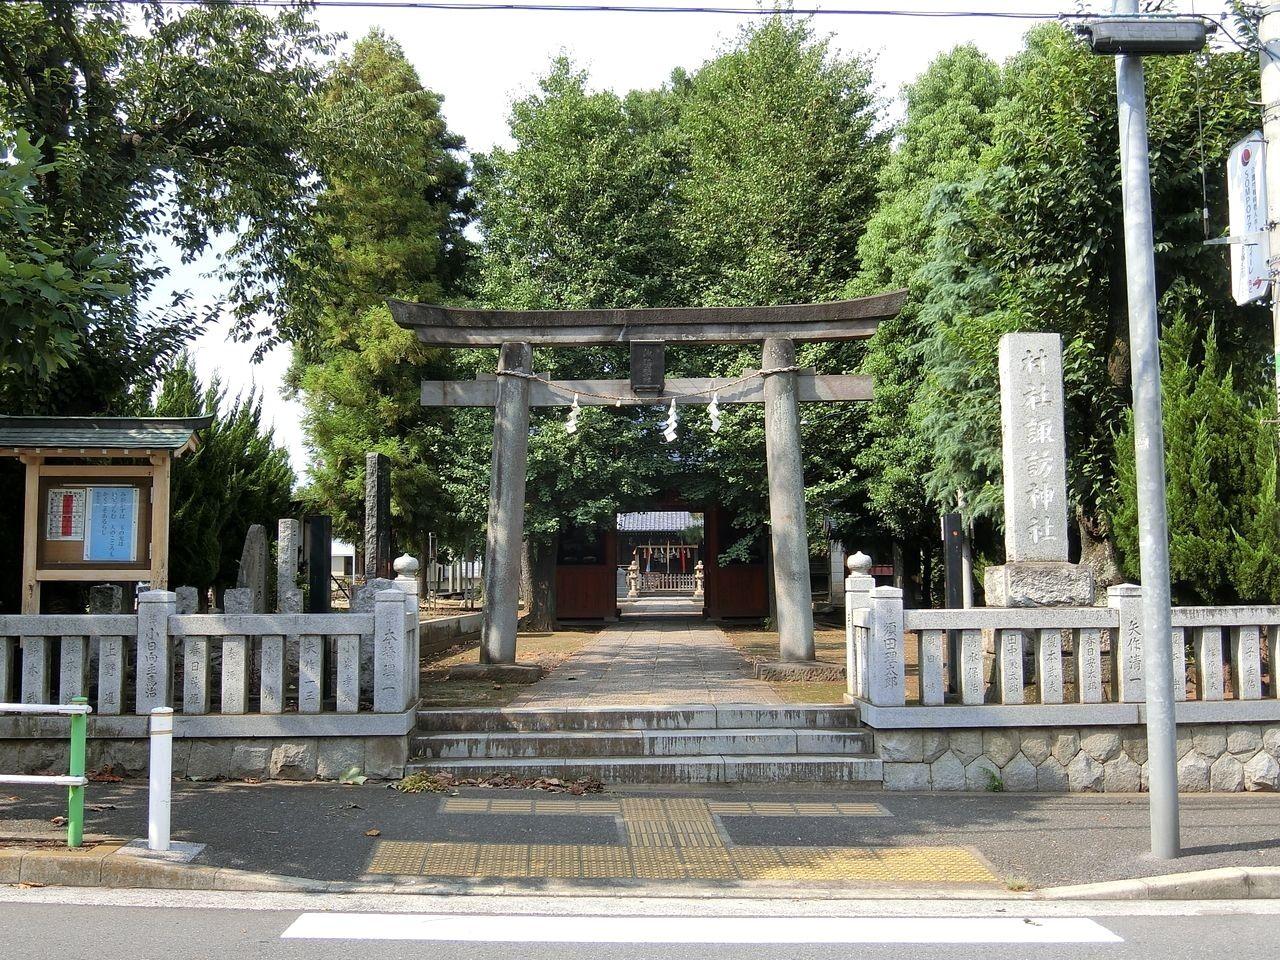 赤塚諏訪神社(板橋区大門)の鳥居